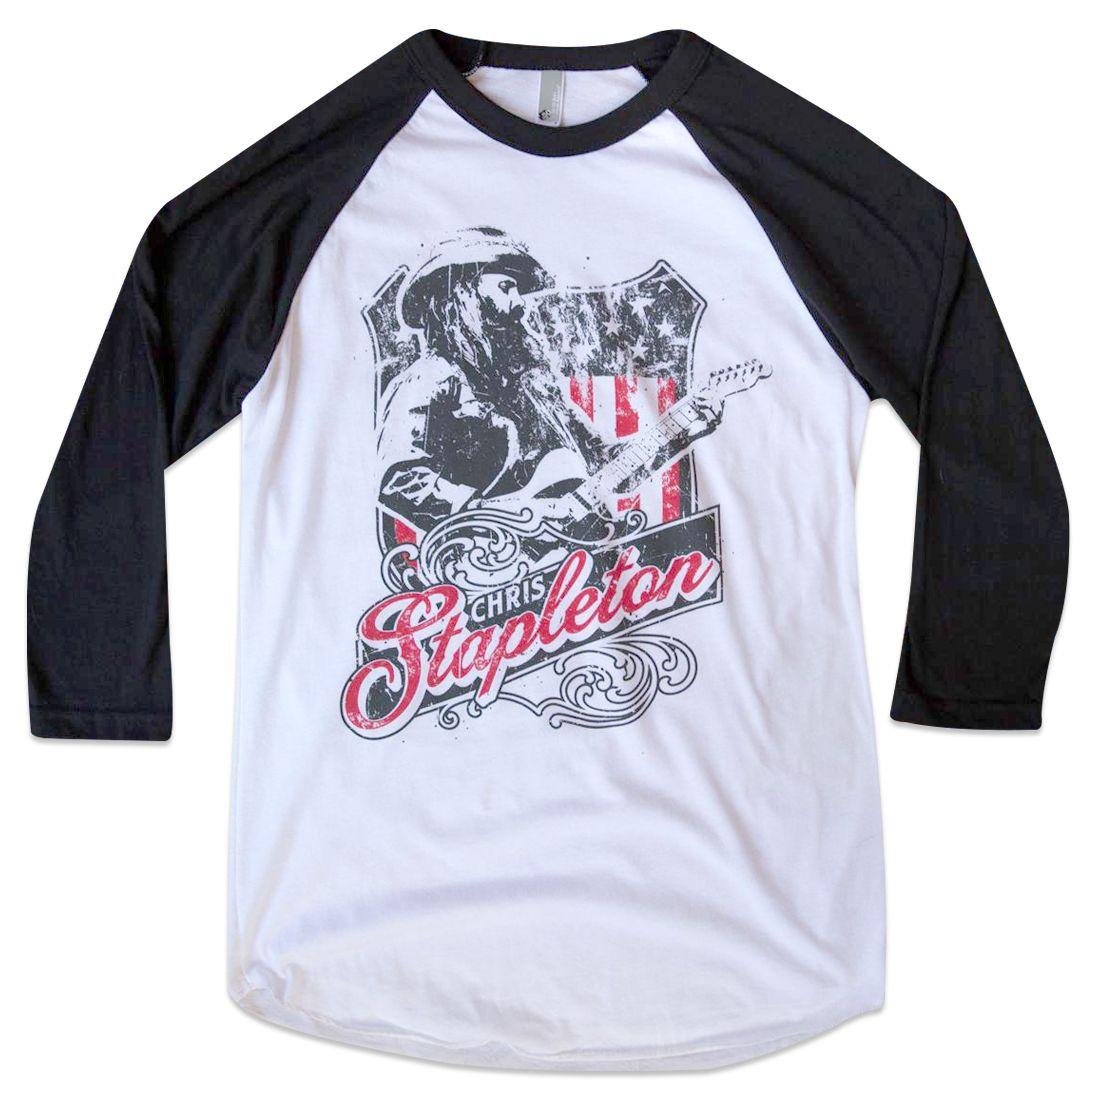 797235ee6e353 Chris Stapleton t shirt | Chris Stapleton | Chris stapleton shirt ...